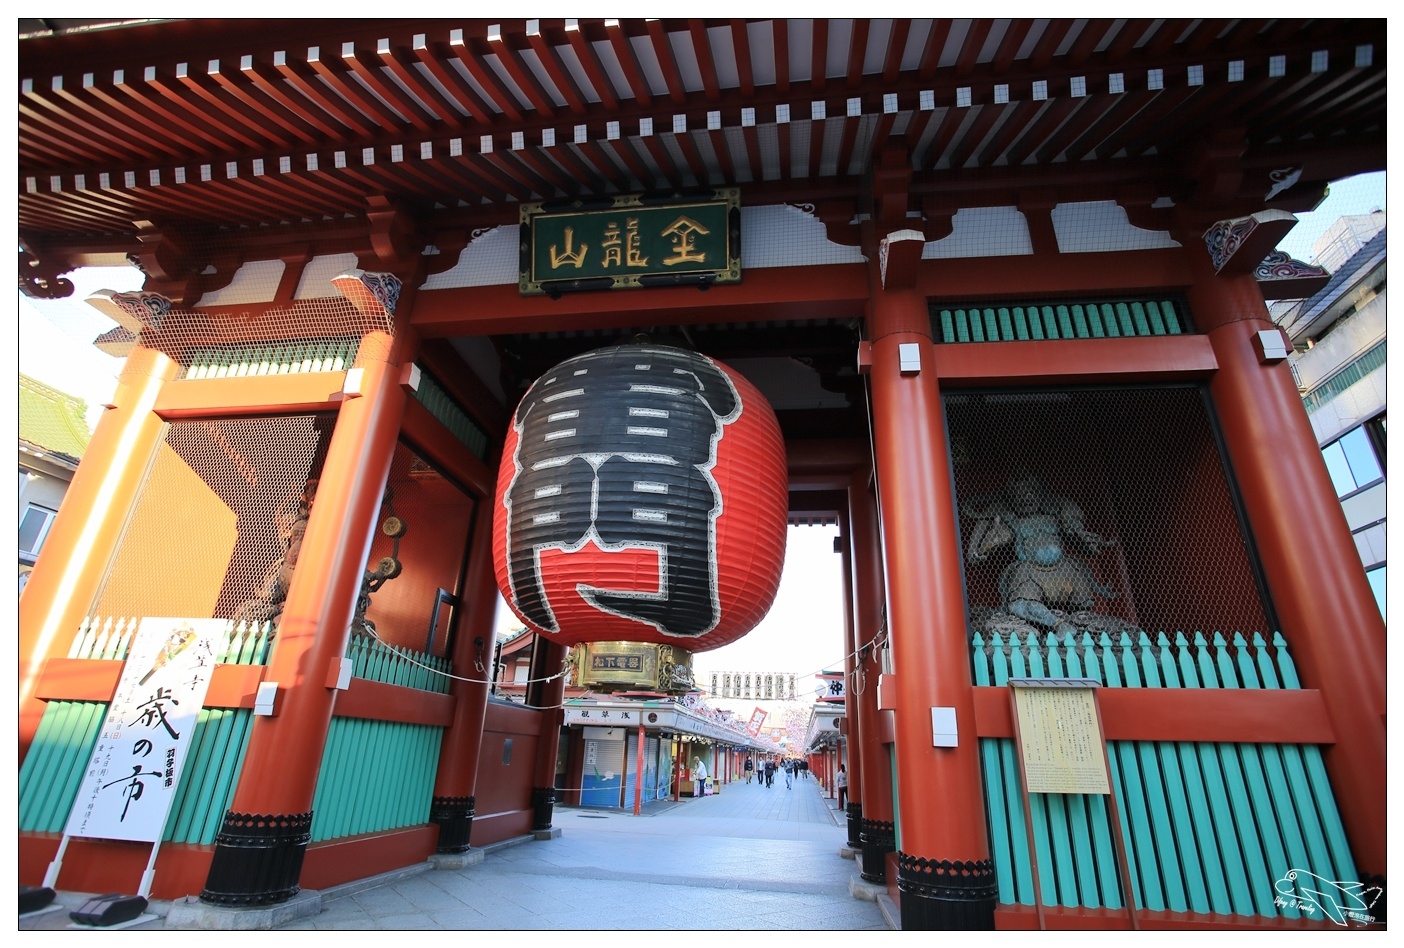 東京景點淺草雷門住宿|環繞雷門飯店推薦 生活機能、交通指引、精華整理~一次給你10間初遊東京的淺草住宿參考